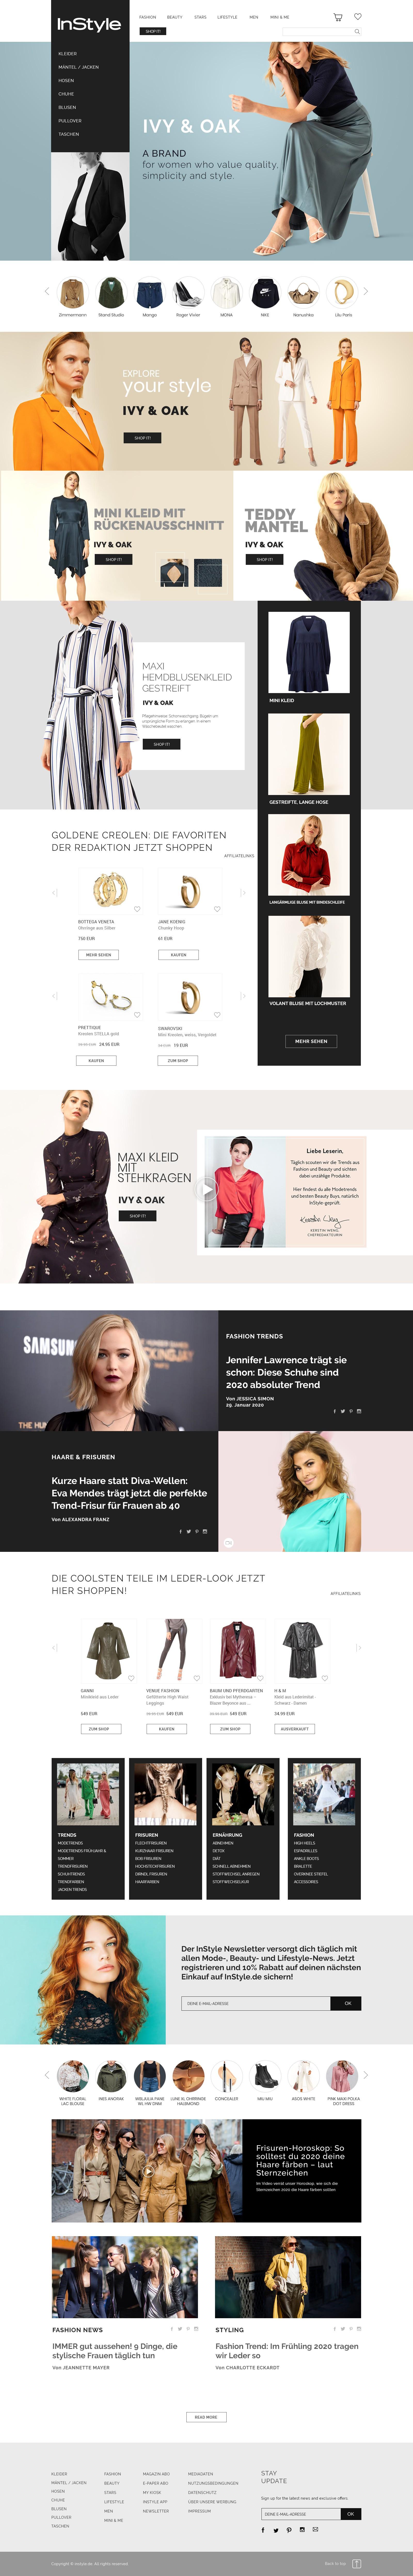 Brand Experience: Markenwelt für Fashion Brands auf InStyle.de